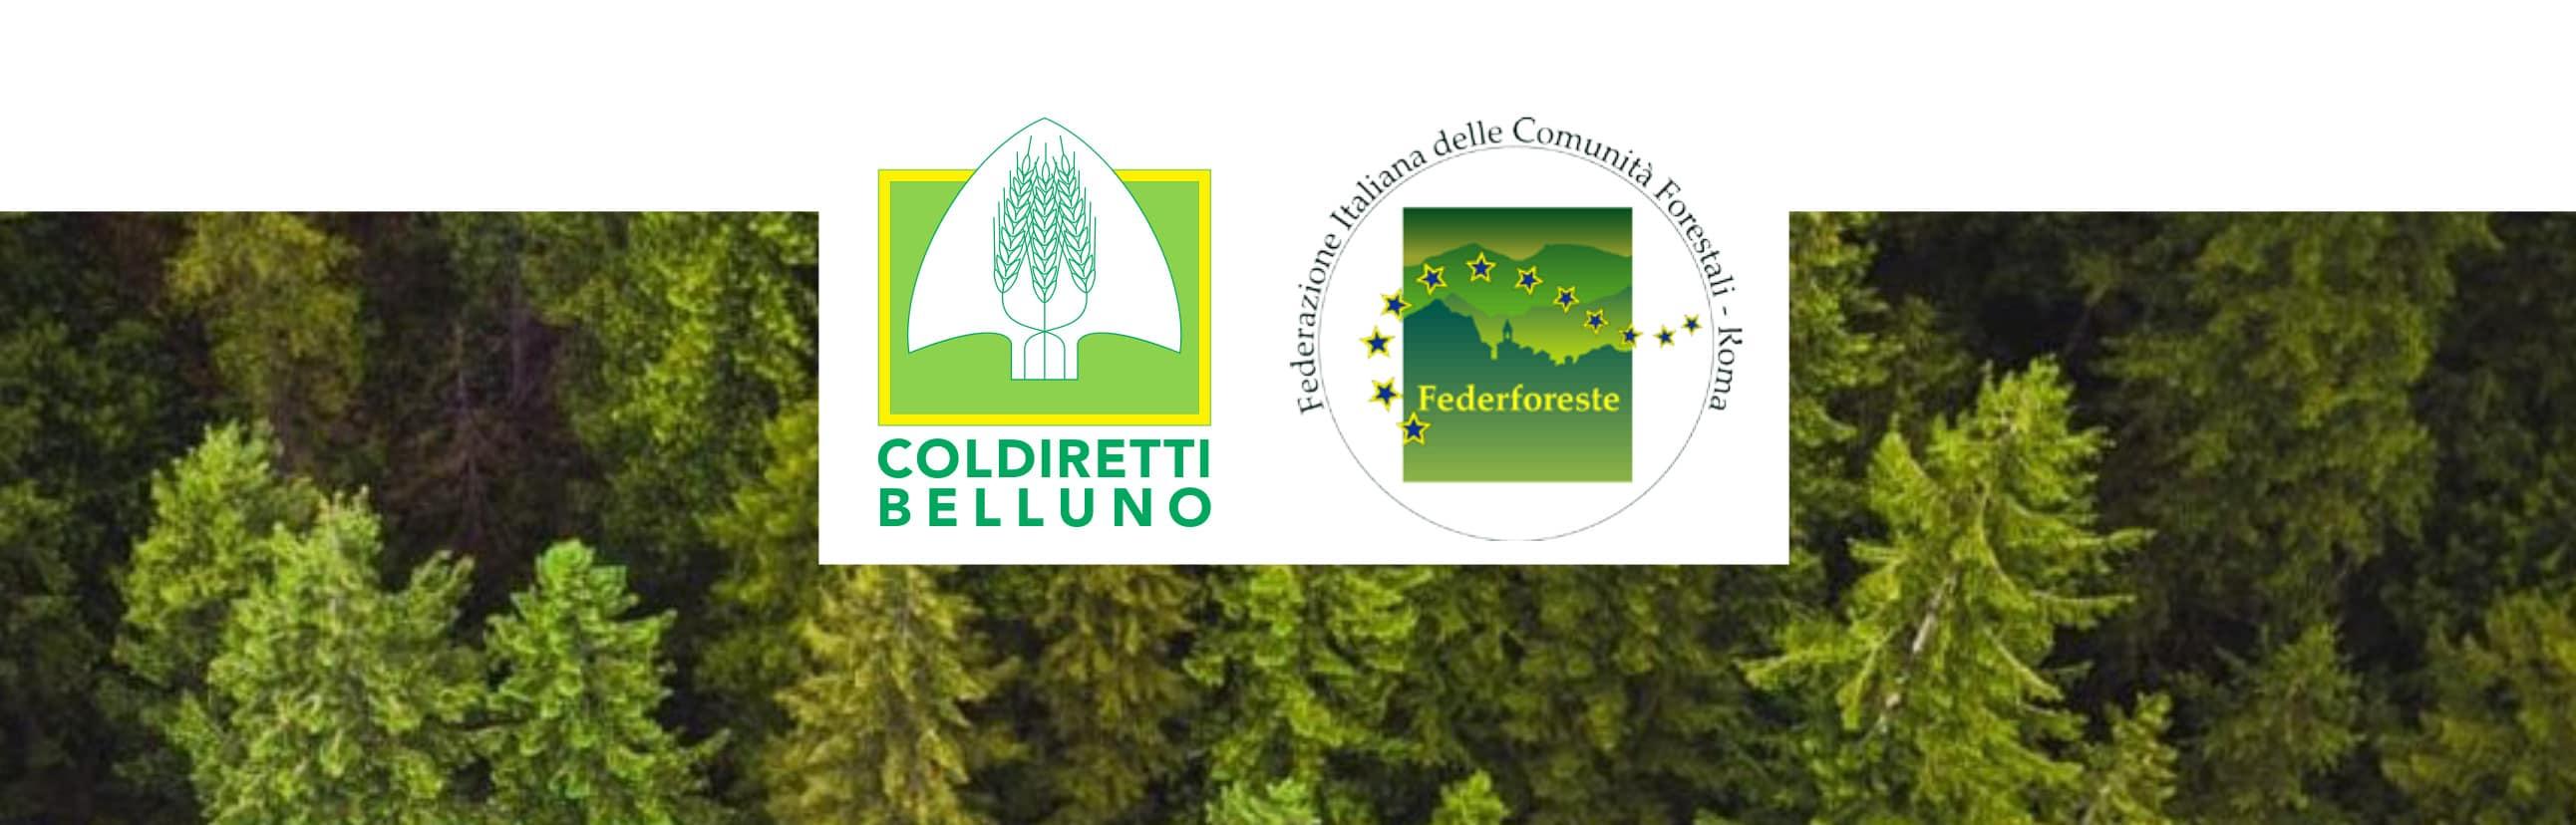 consorzio forestale codiretti-federforeste